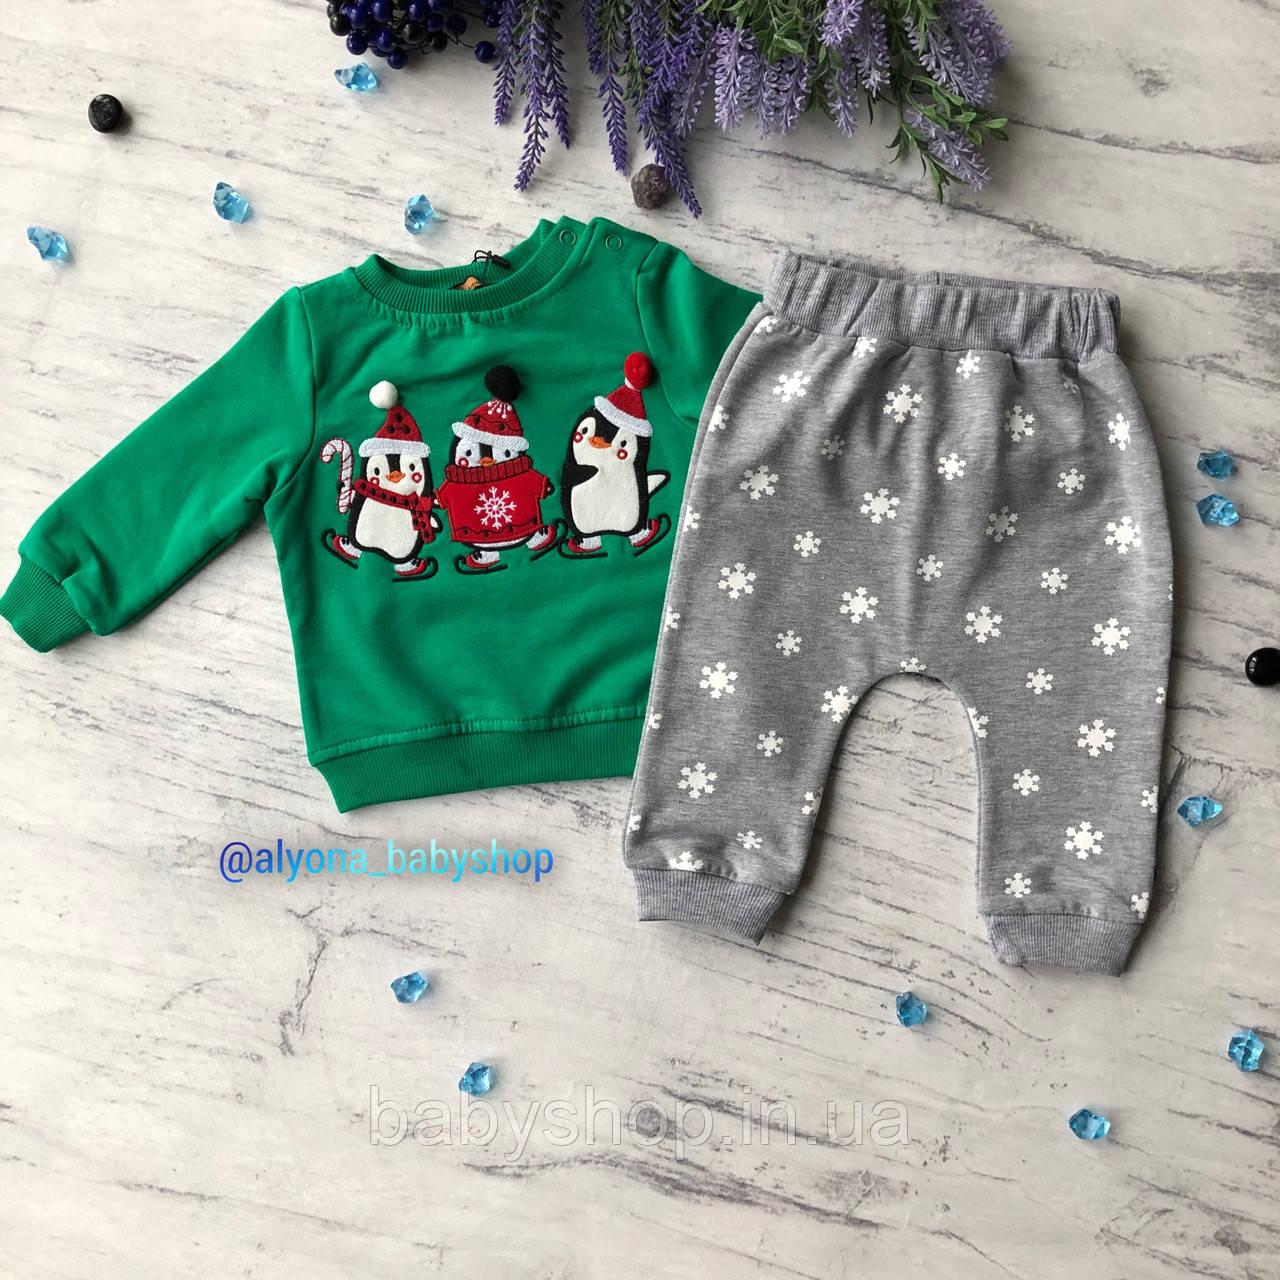 Теплый костюм новогодний на мальчика и девочку 12. Размер  80 см, 86 см, фото 1